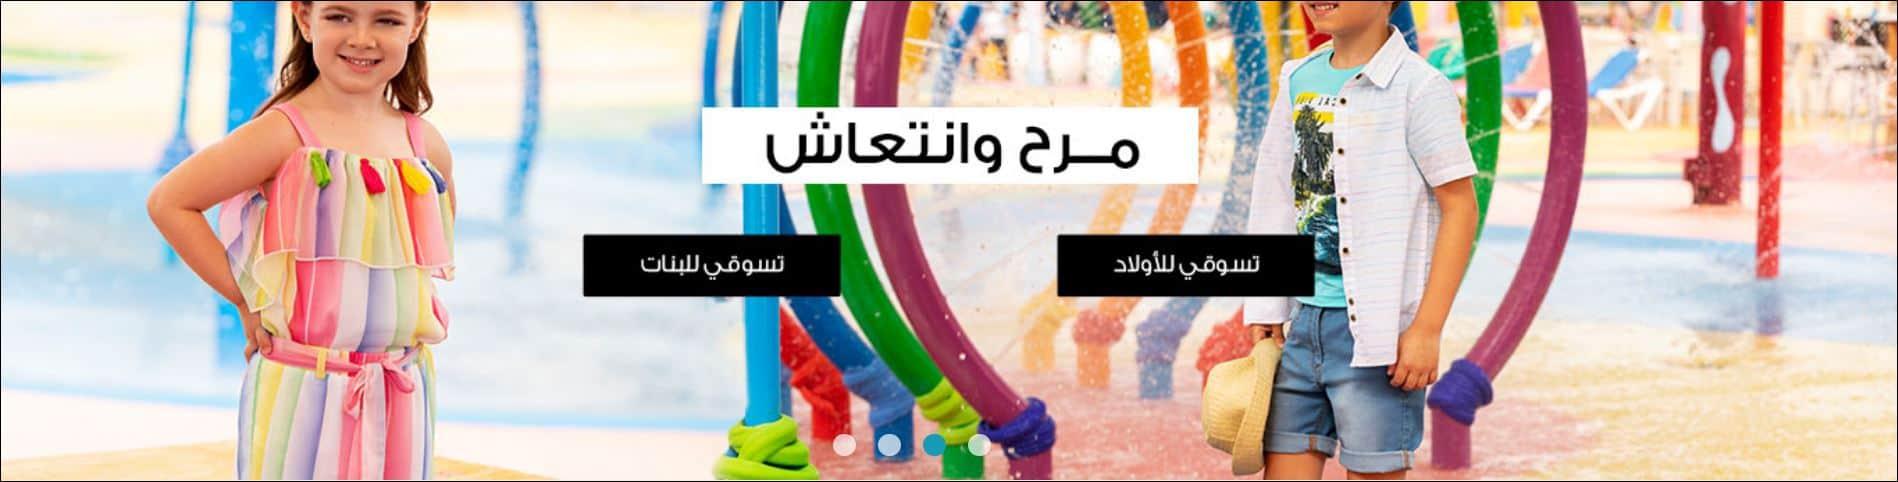 عروض متاجر السعودية 2019 سيتي ماكس ازياء الاطفال